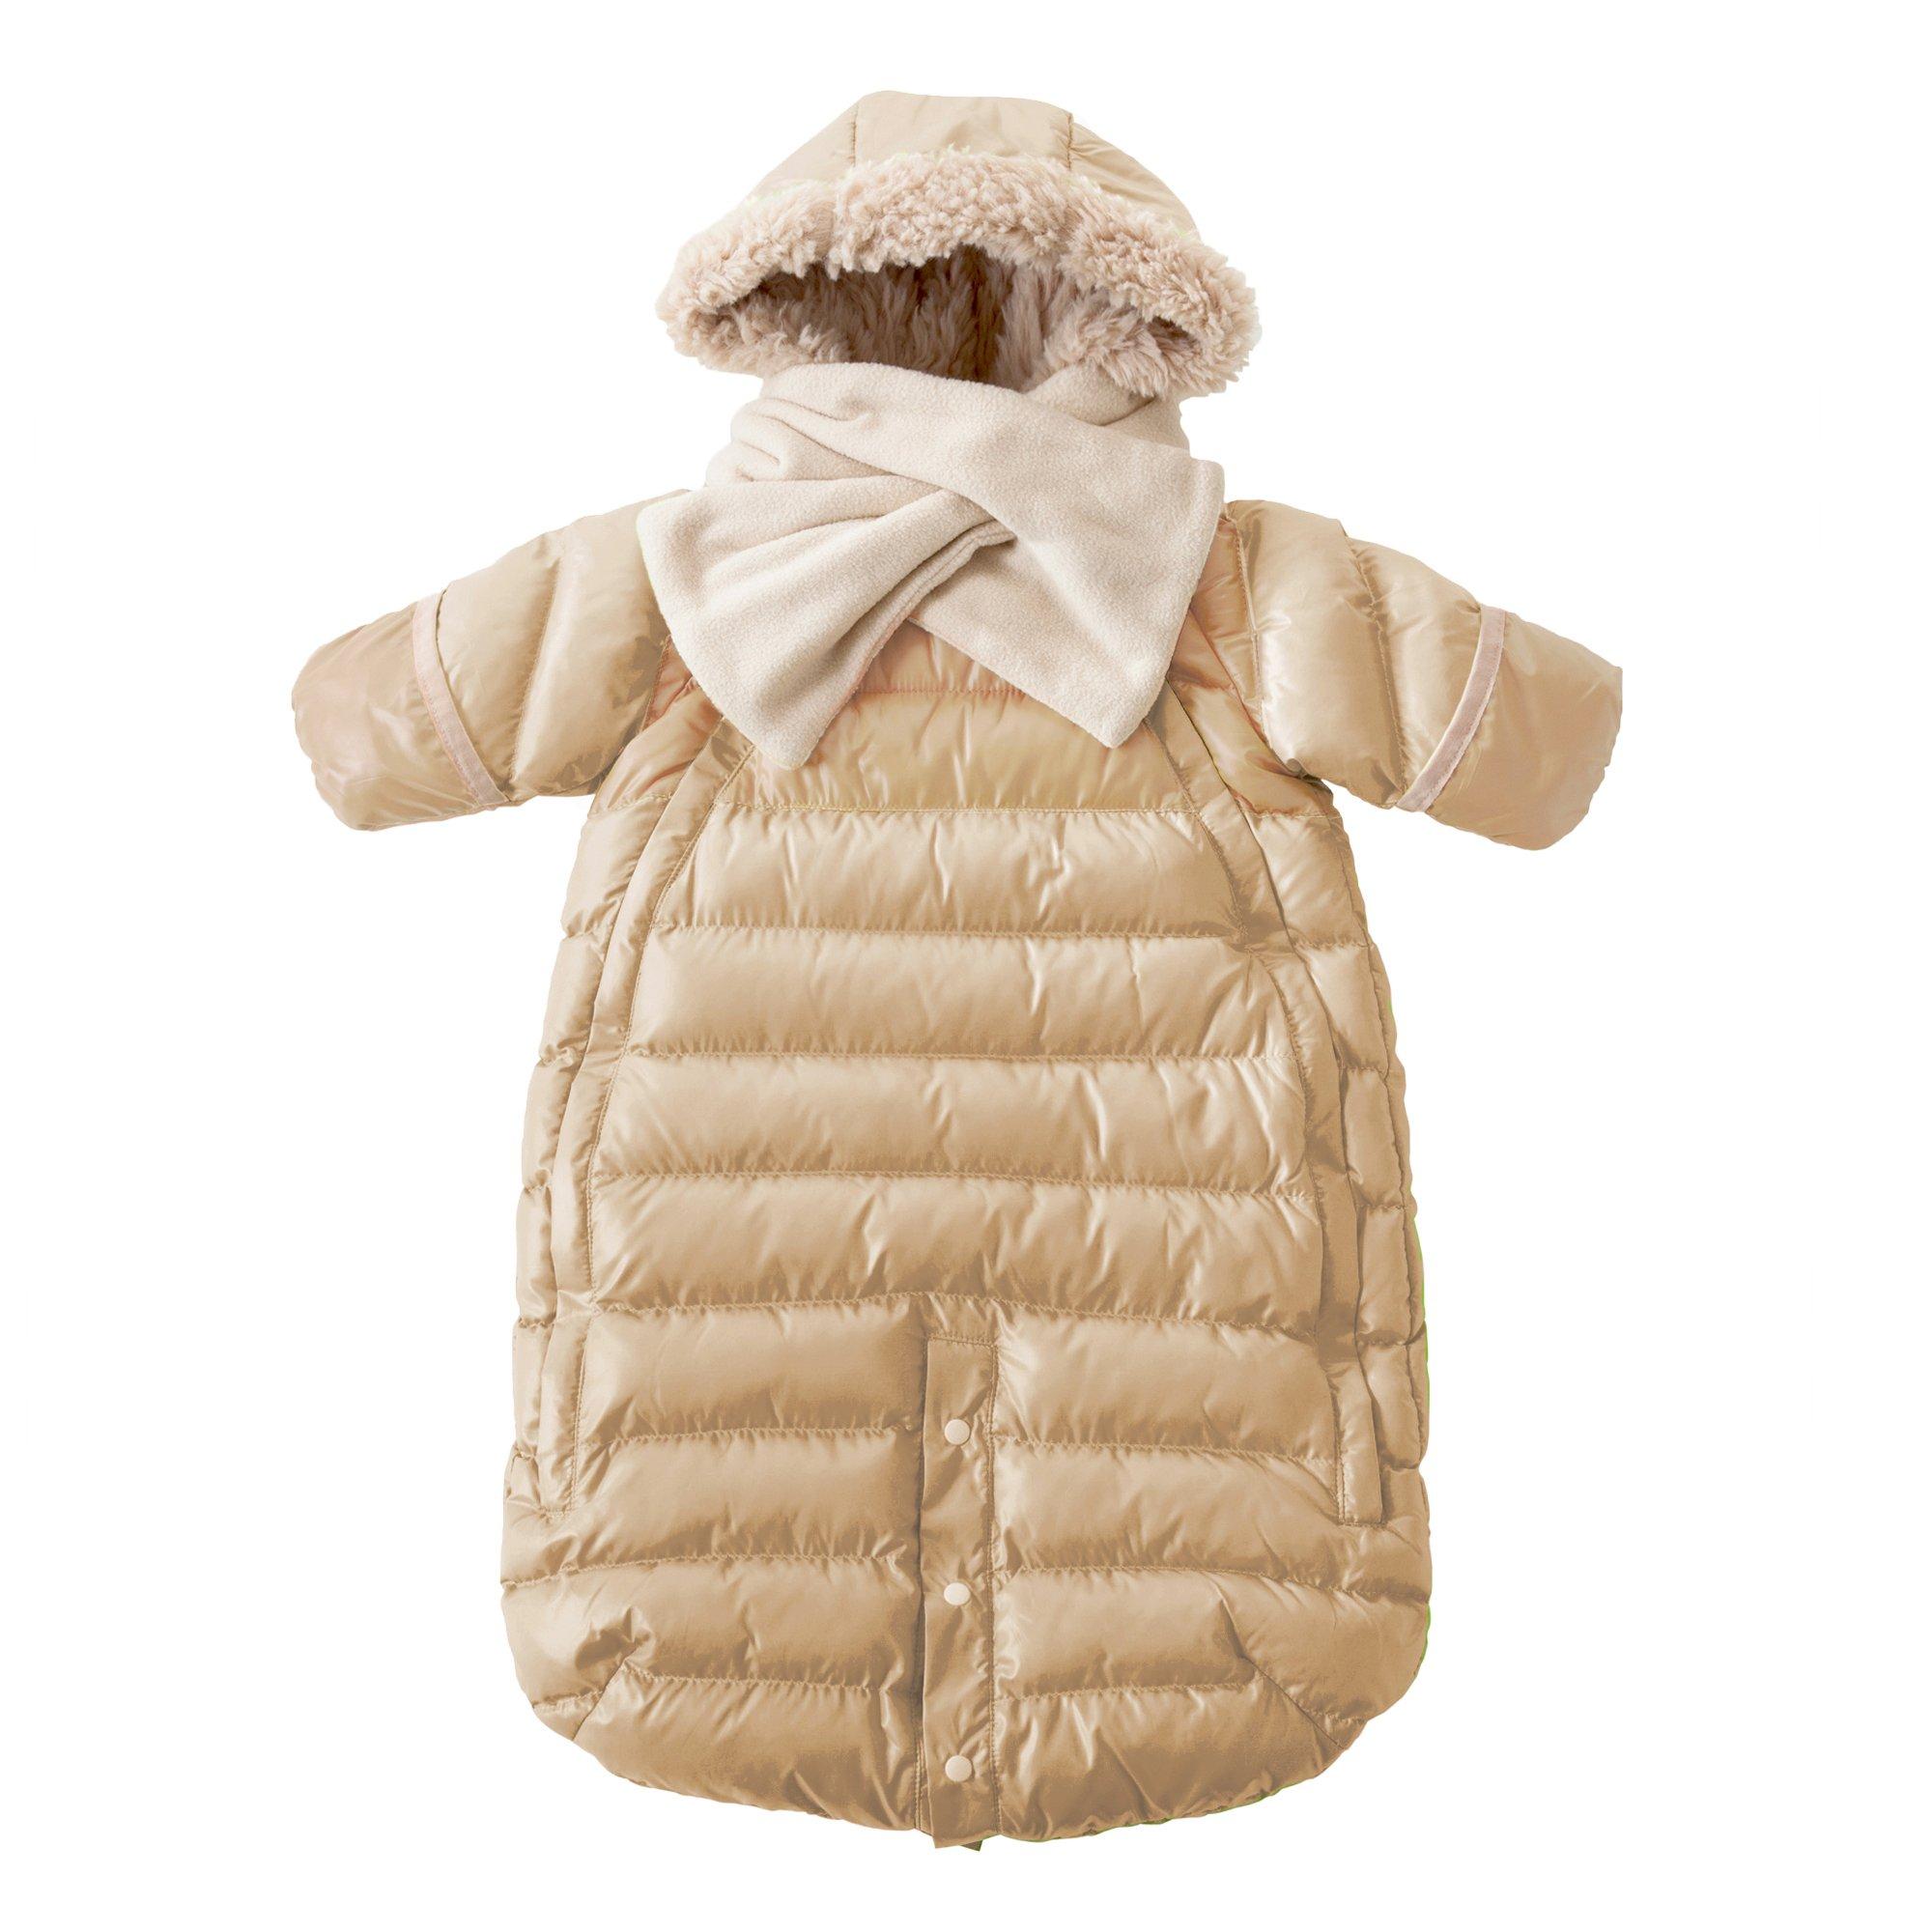 7AM Enfant Doudoune One Piece Infant Snowsuit Bunting, Beige, Small